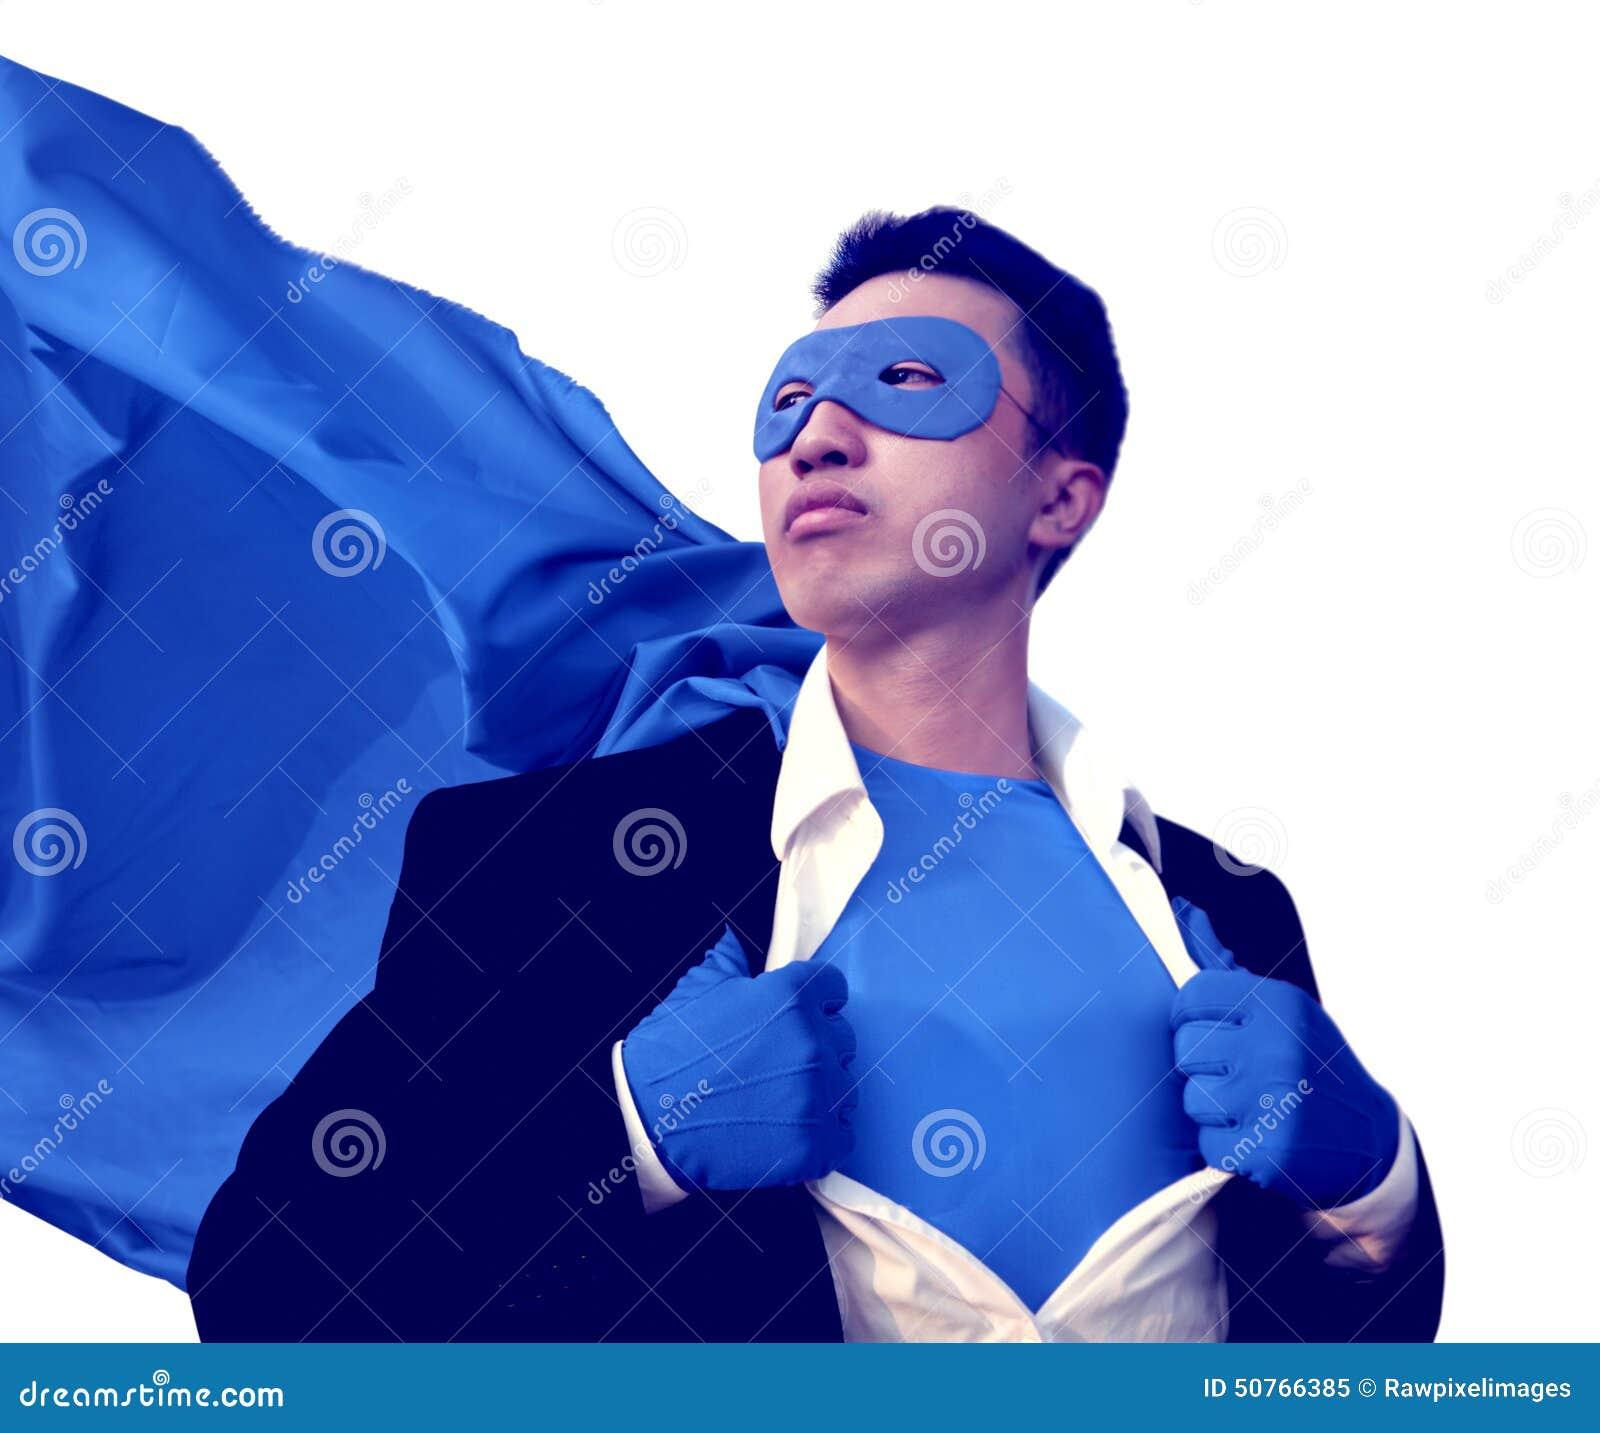 Superheld schützen starke Victory Determination Fantasy Concept